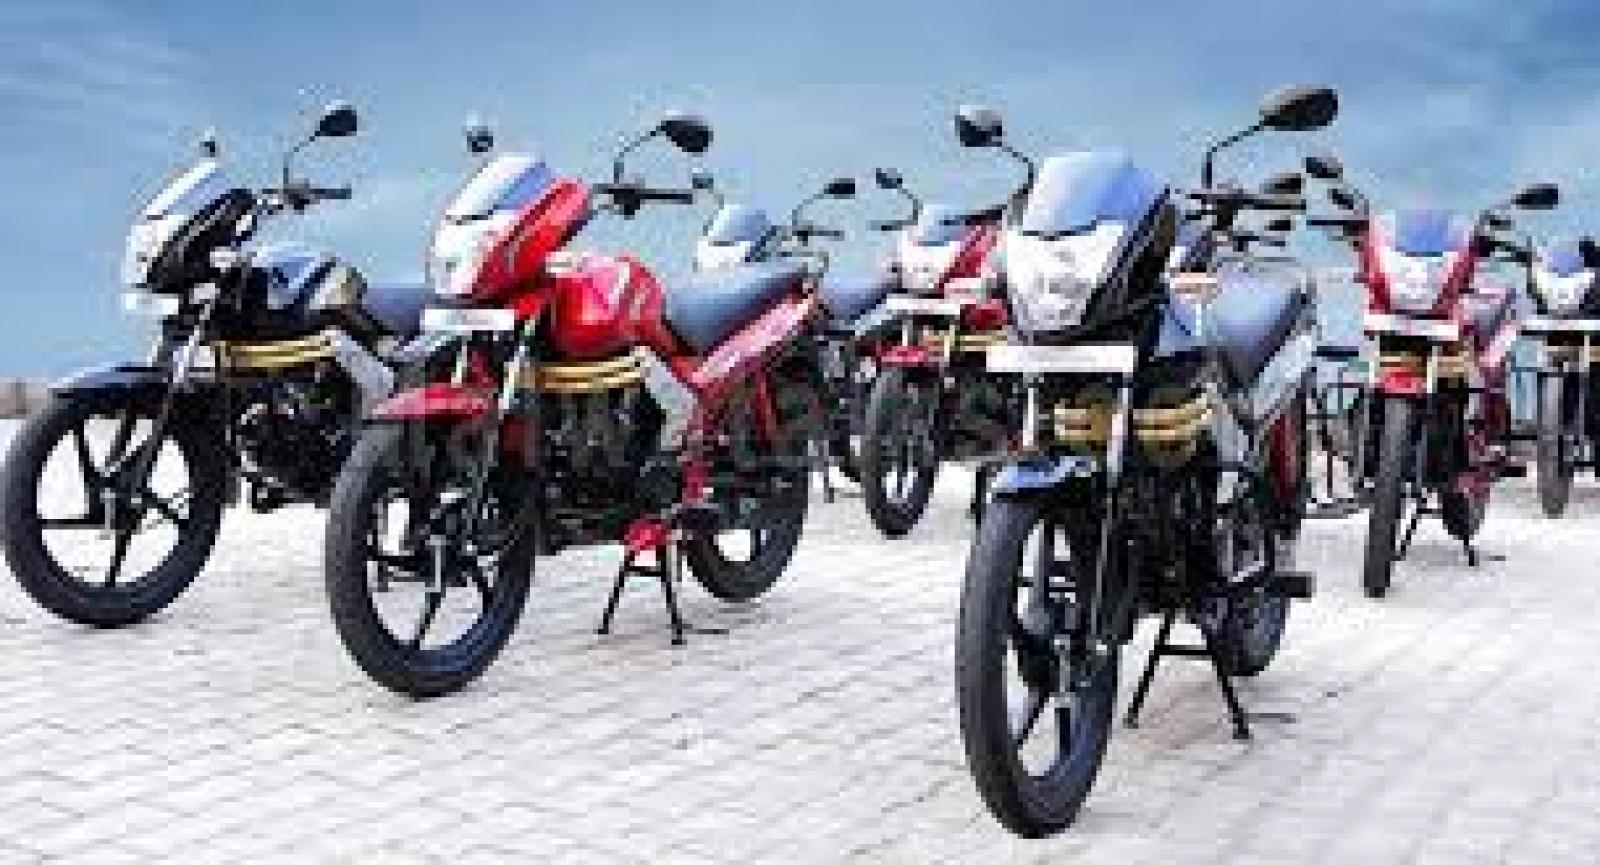 Shri Balaji Honda